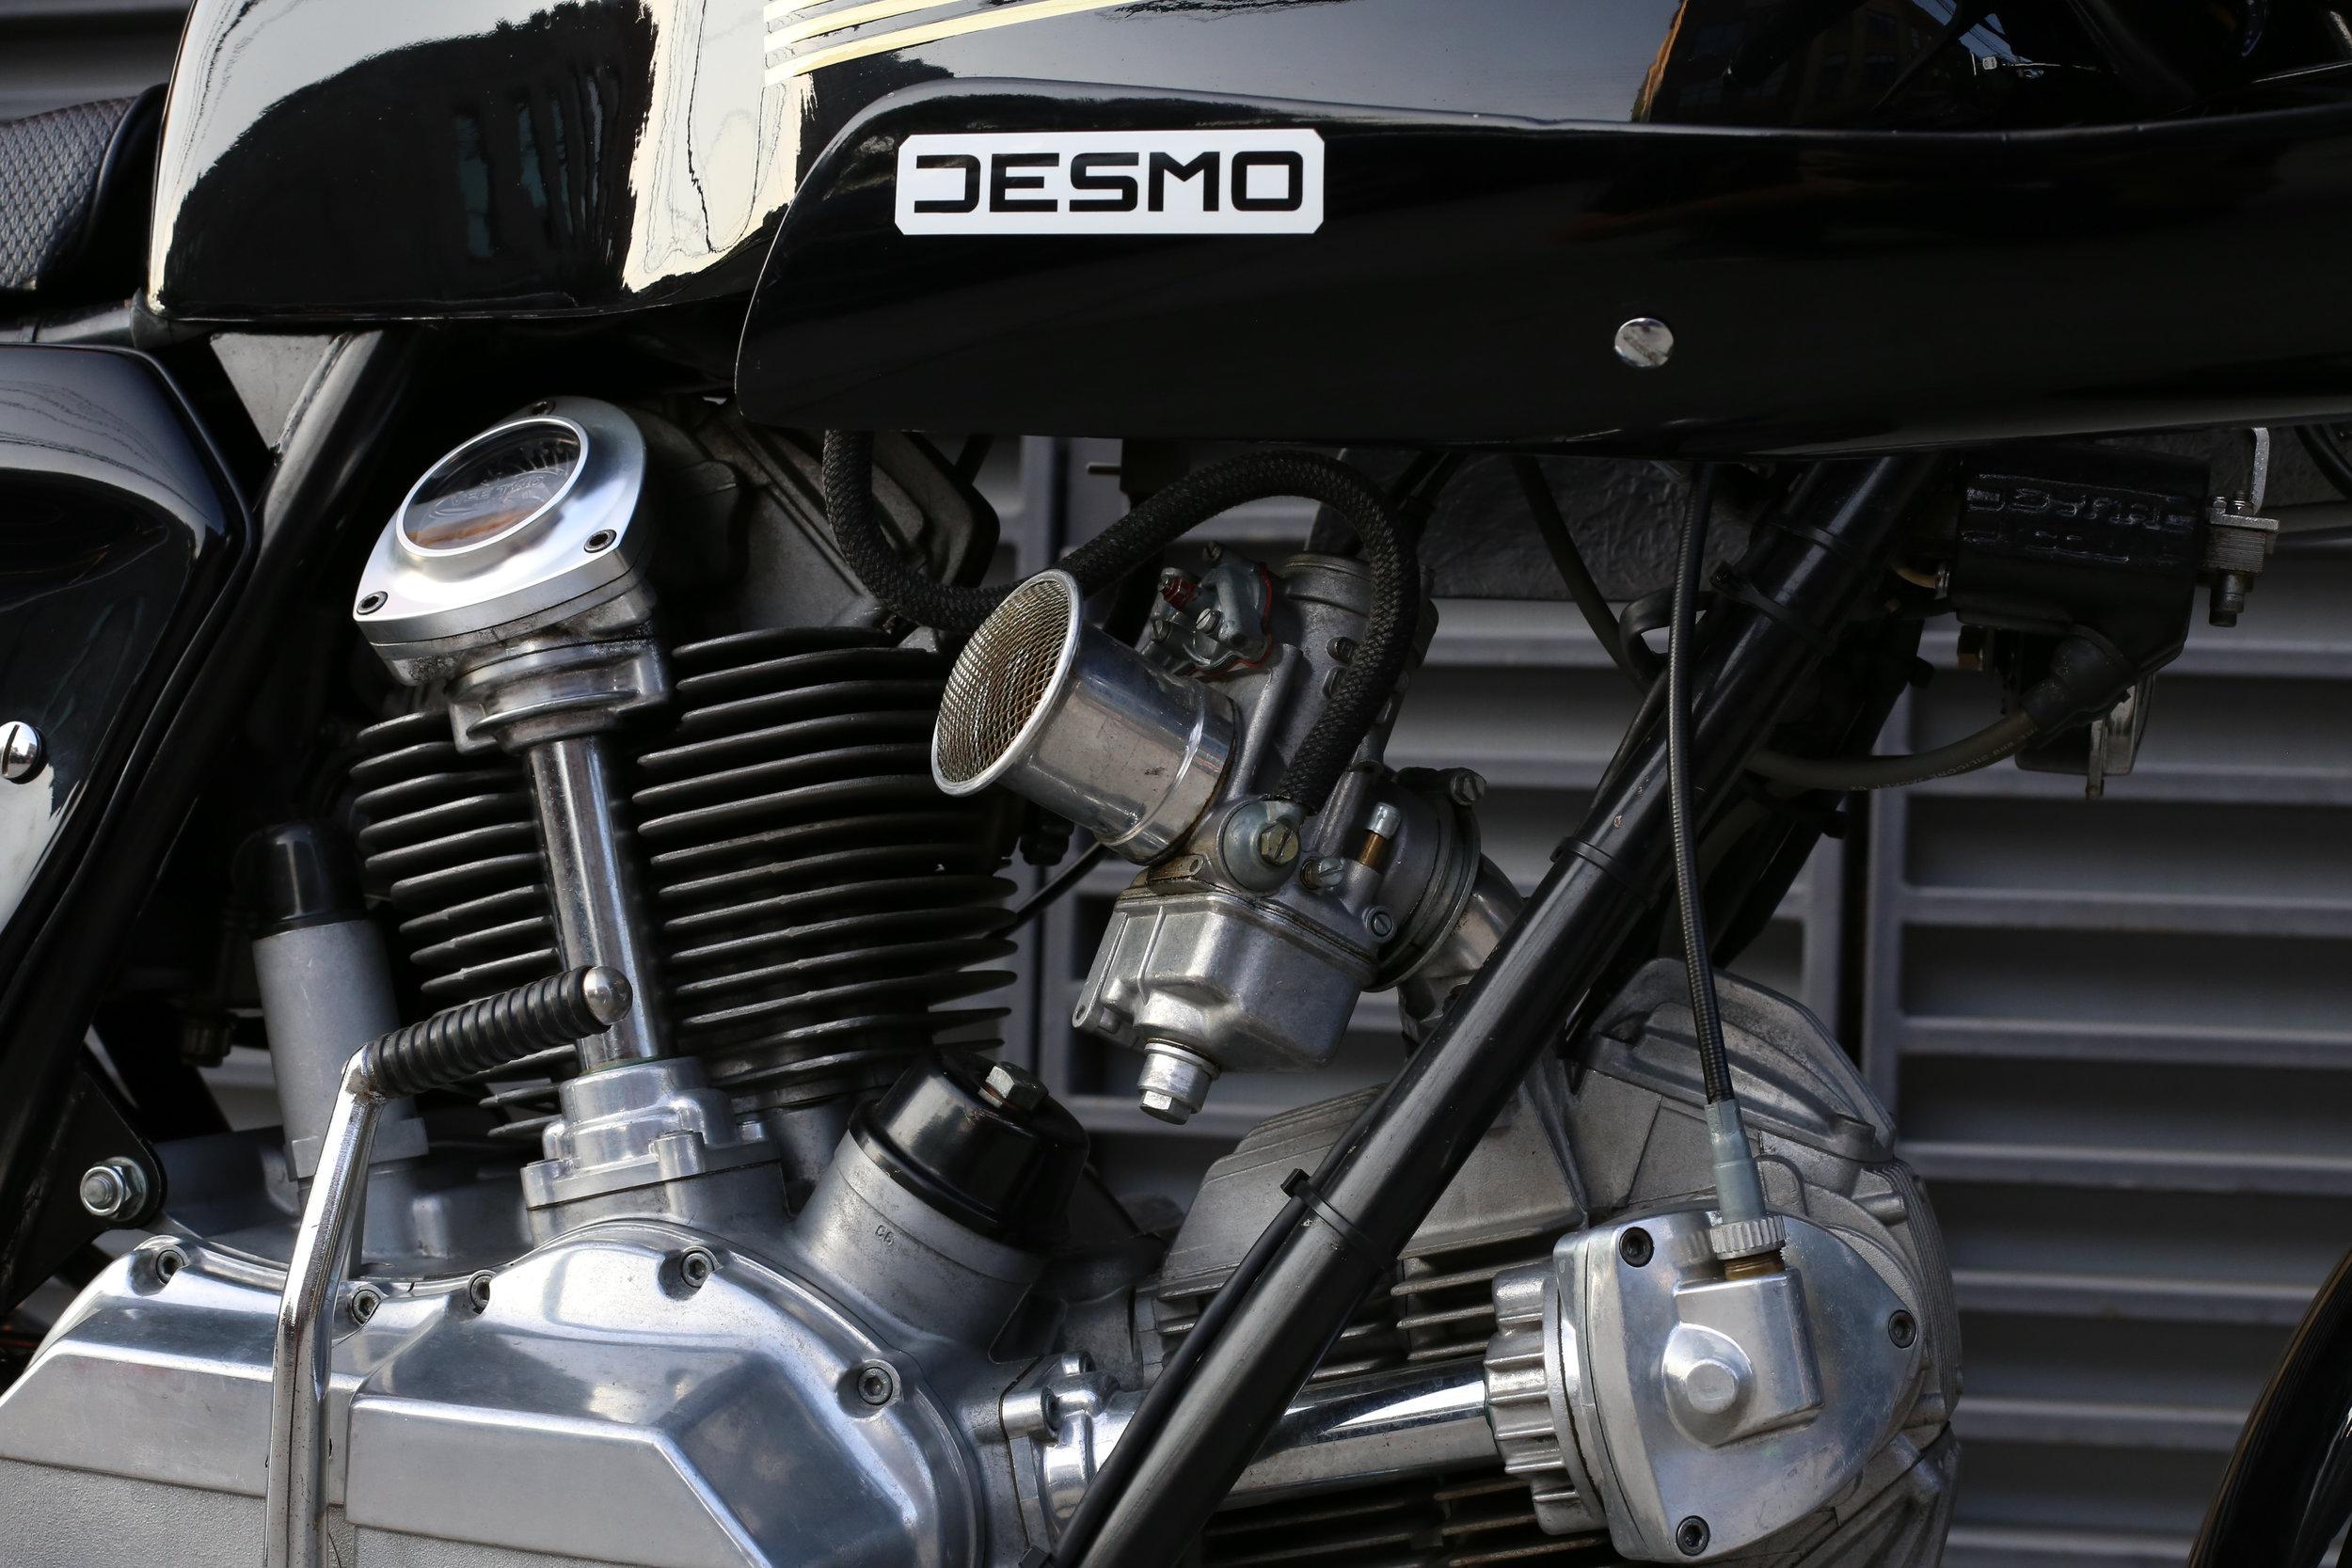 1980 Ducati 900SS